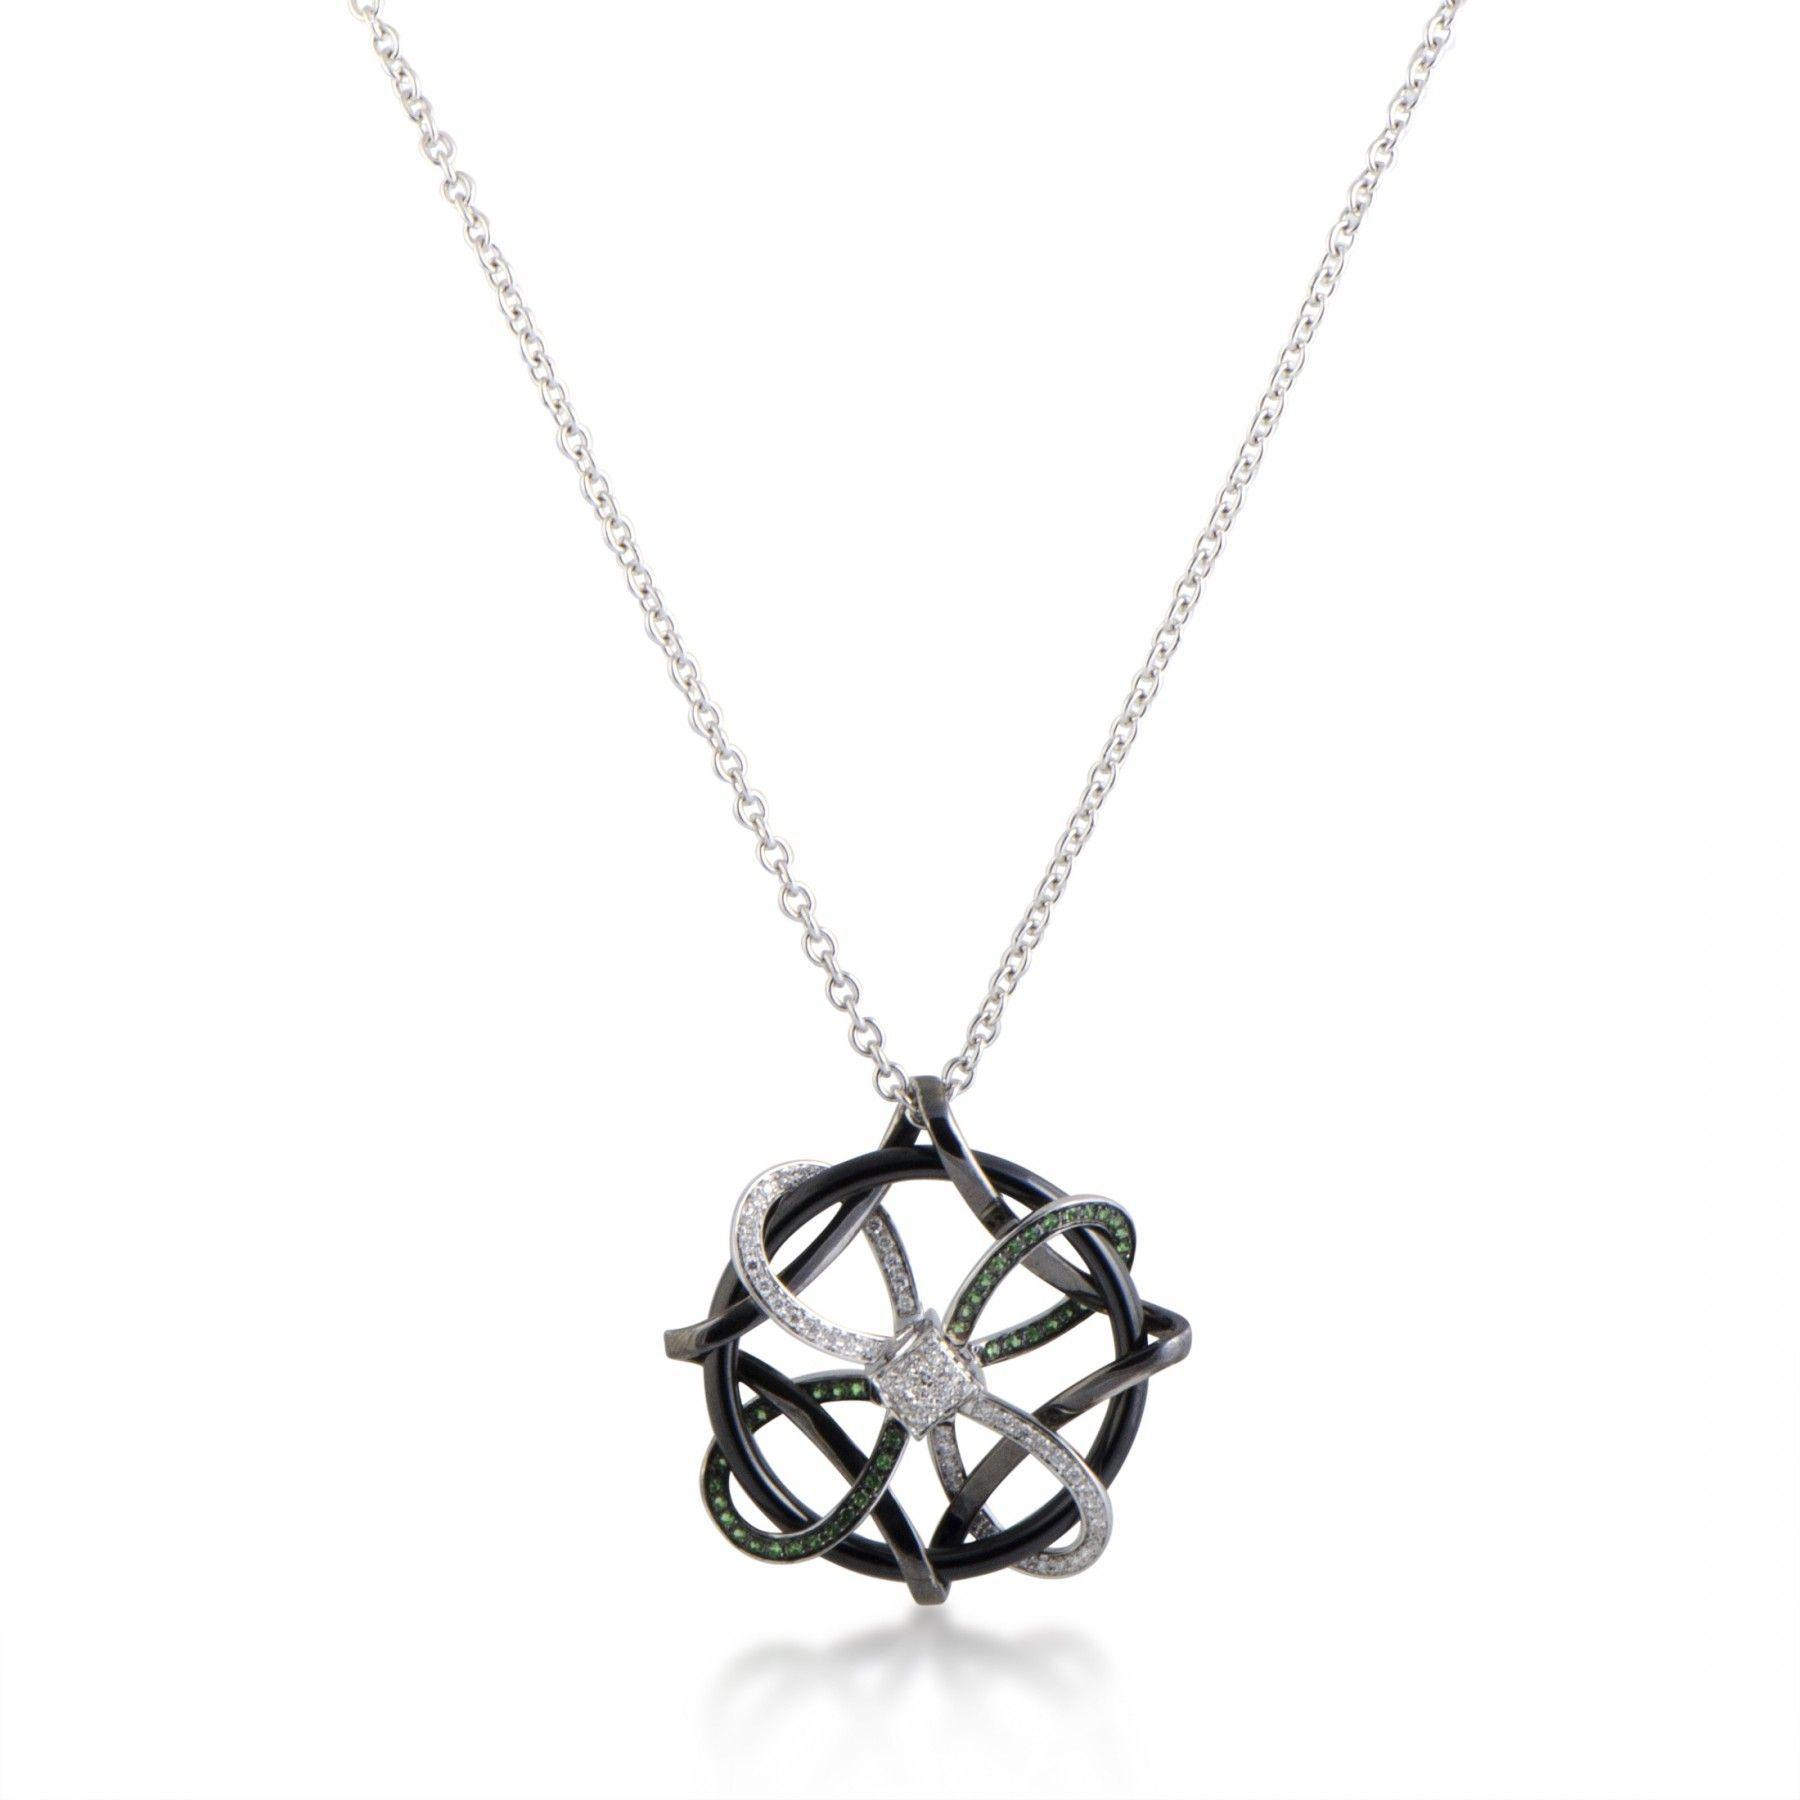 gianni lazzaro 18k white gold  black rhodium diamond and